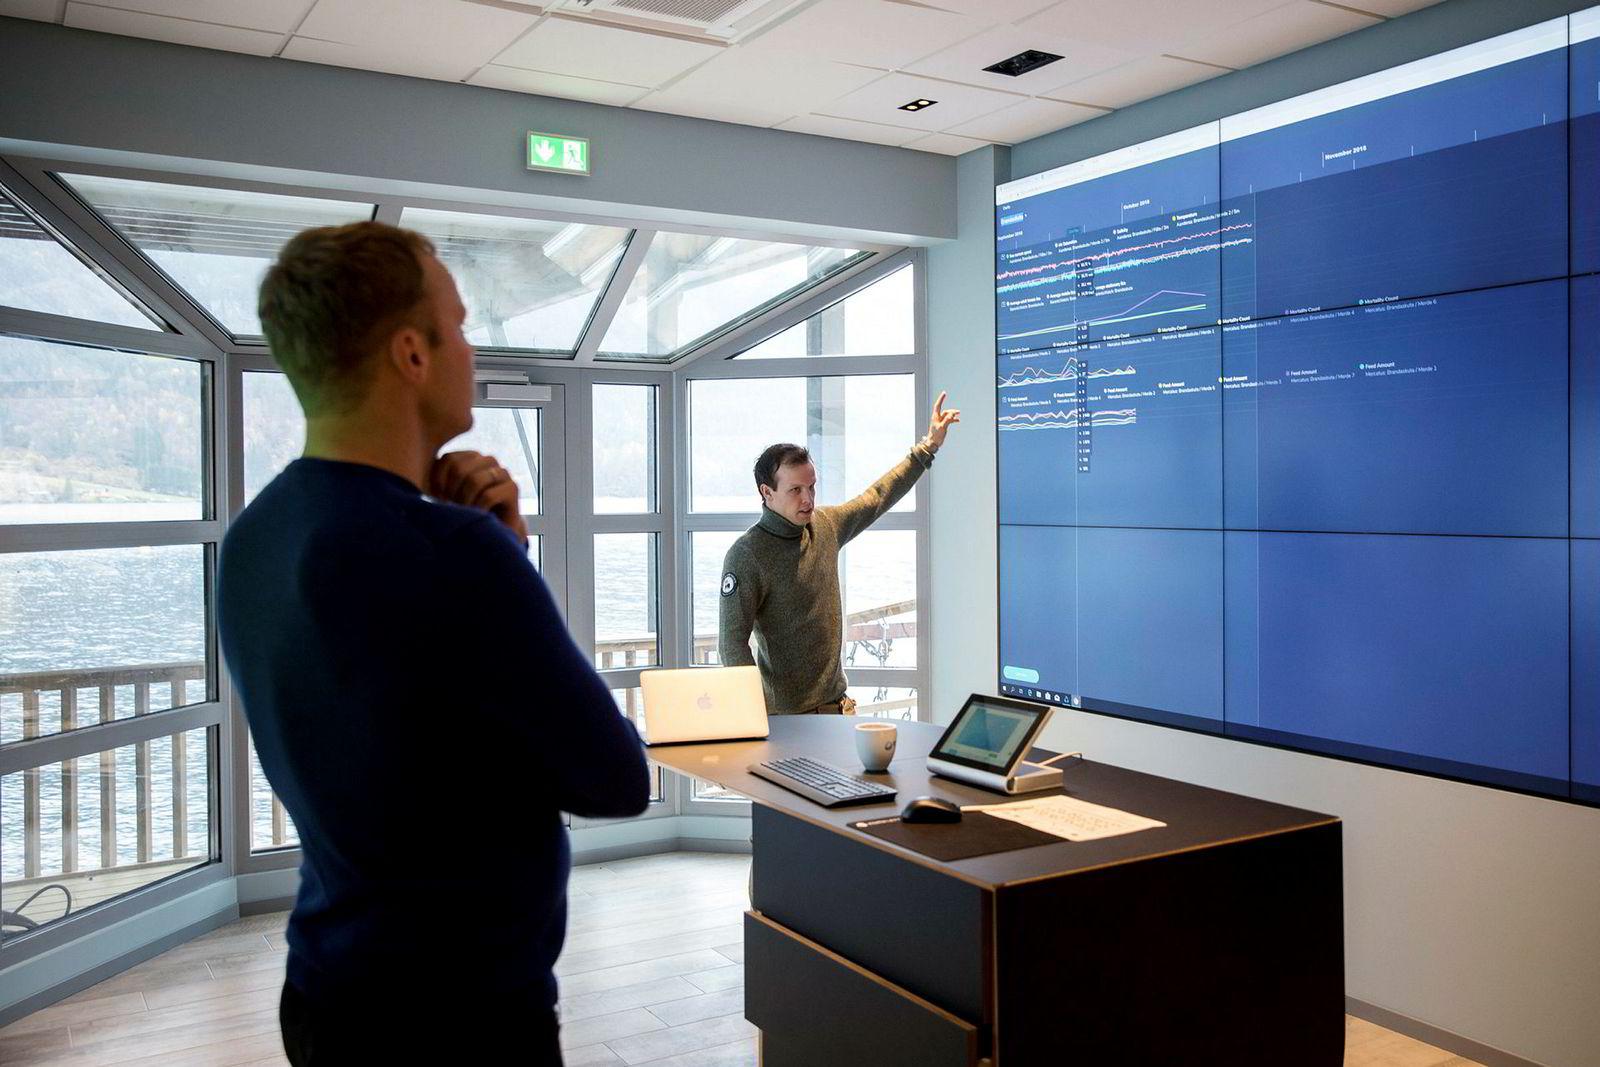 Brødrene Sondre (tv) og Erlend Eide i bedriftens nye kommandosentral. De to vil bruke sensorer og datakraft til å bygge nærmest selvstyrte oppdrettsmerder.